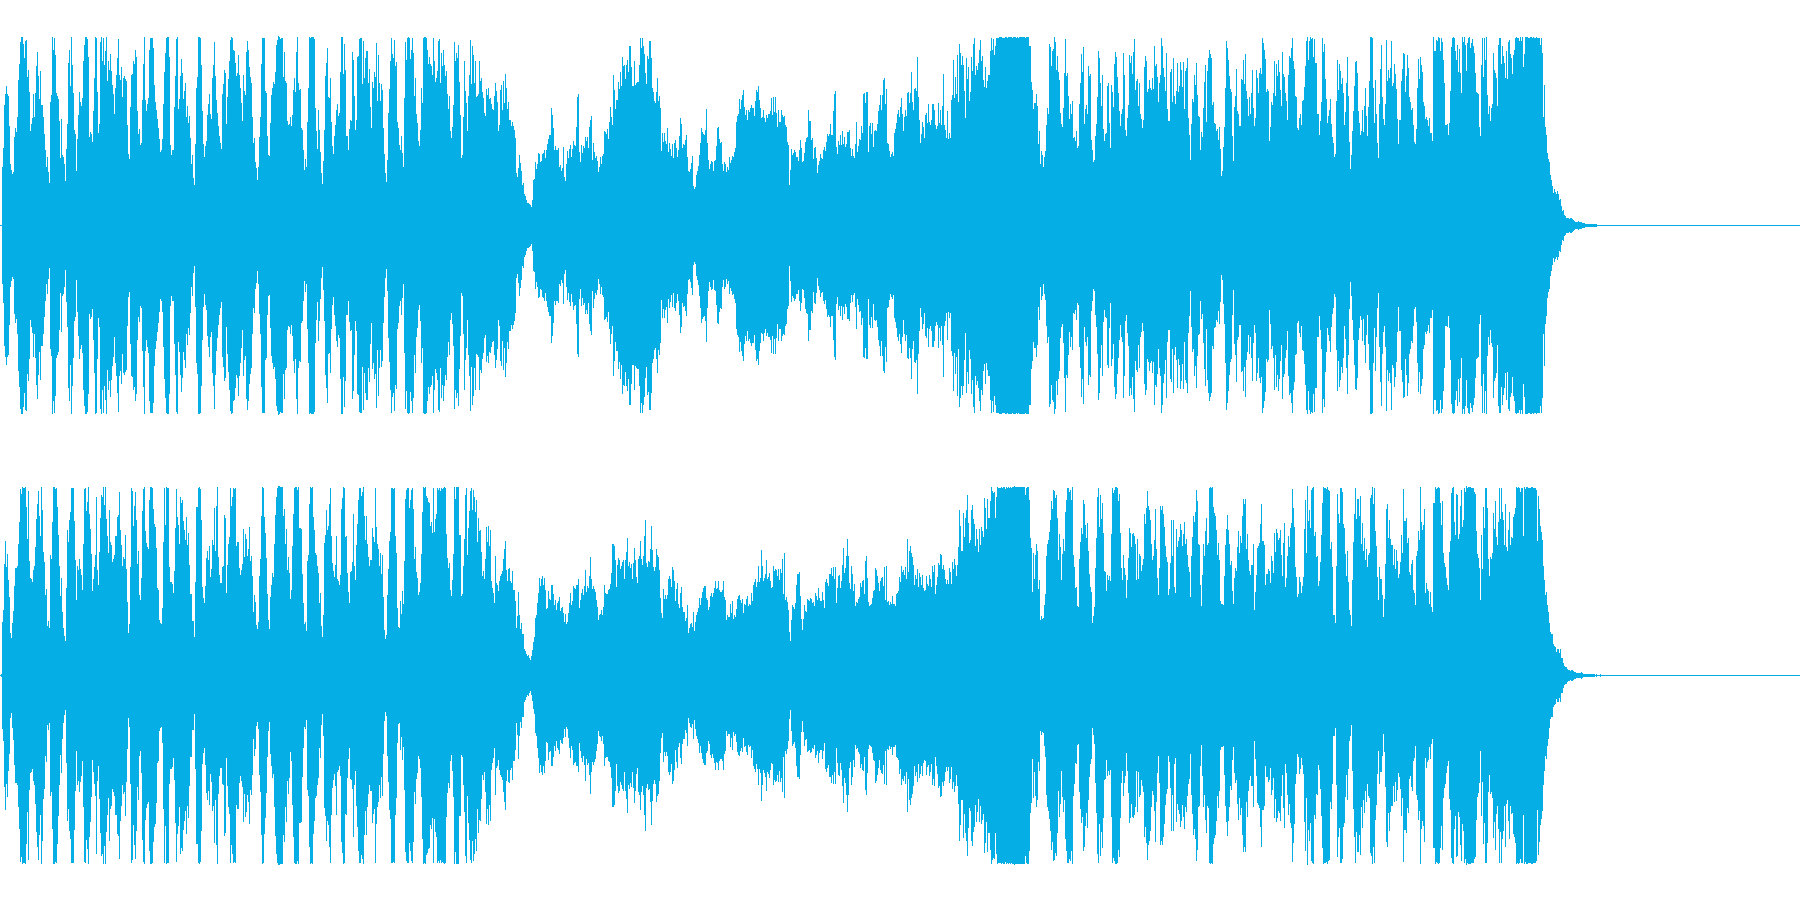 ワクワクするオーケストラBGMの再生済みの波形